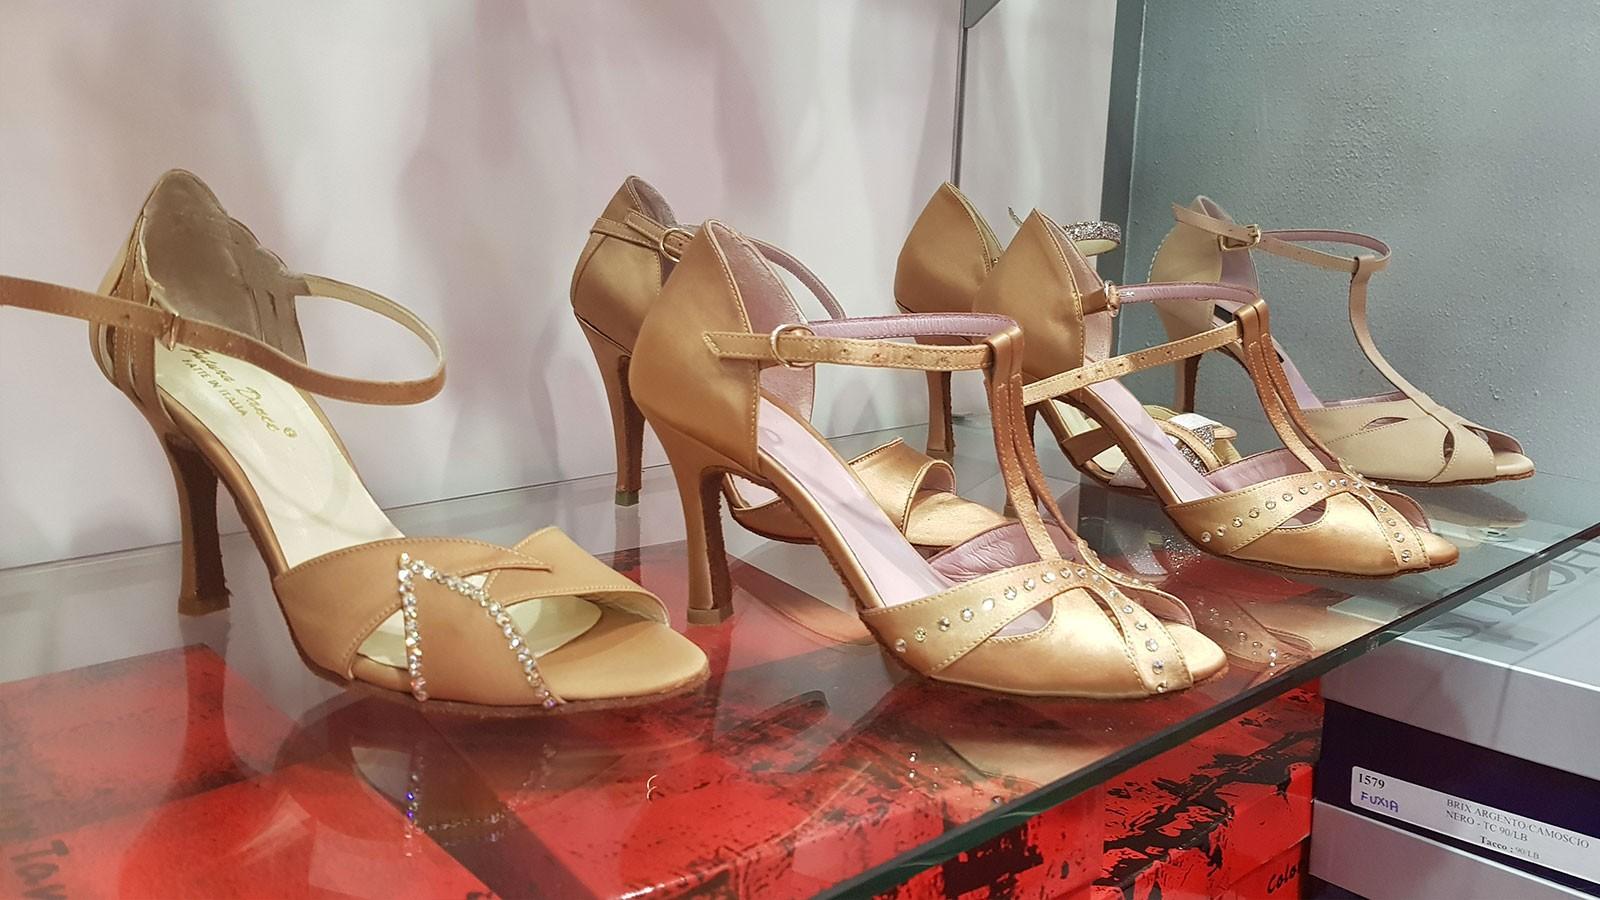 Angels scarpe da ballo Montichiari66